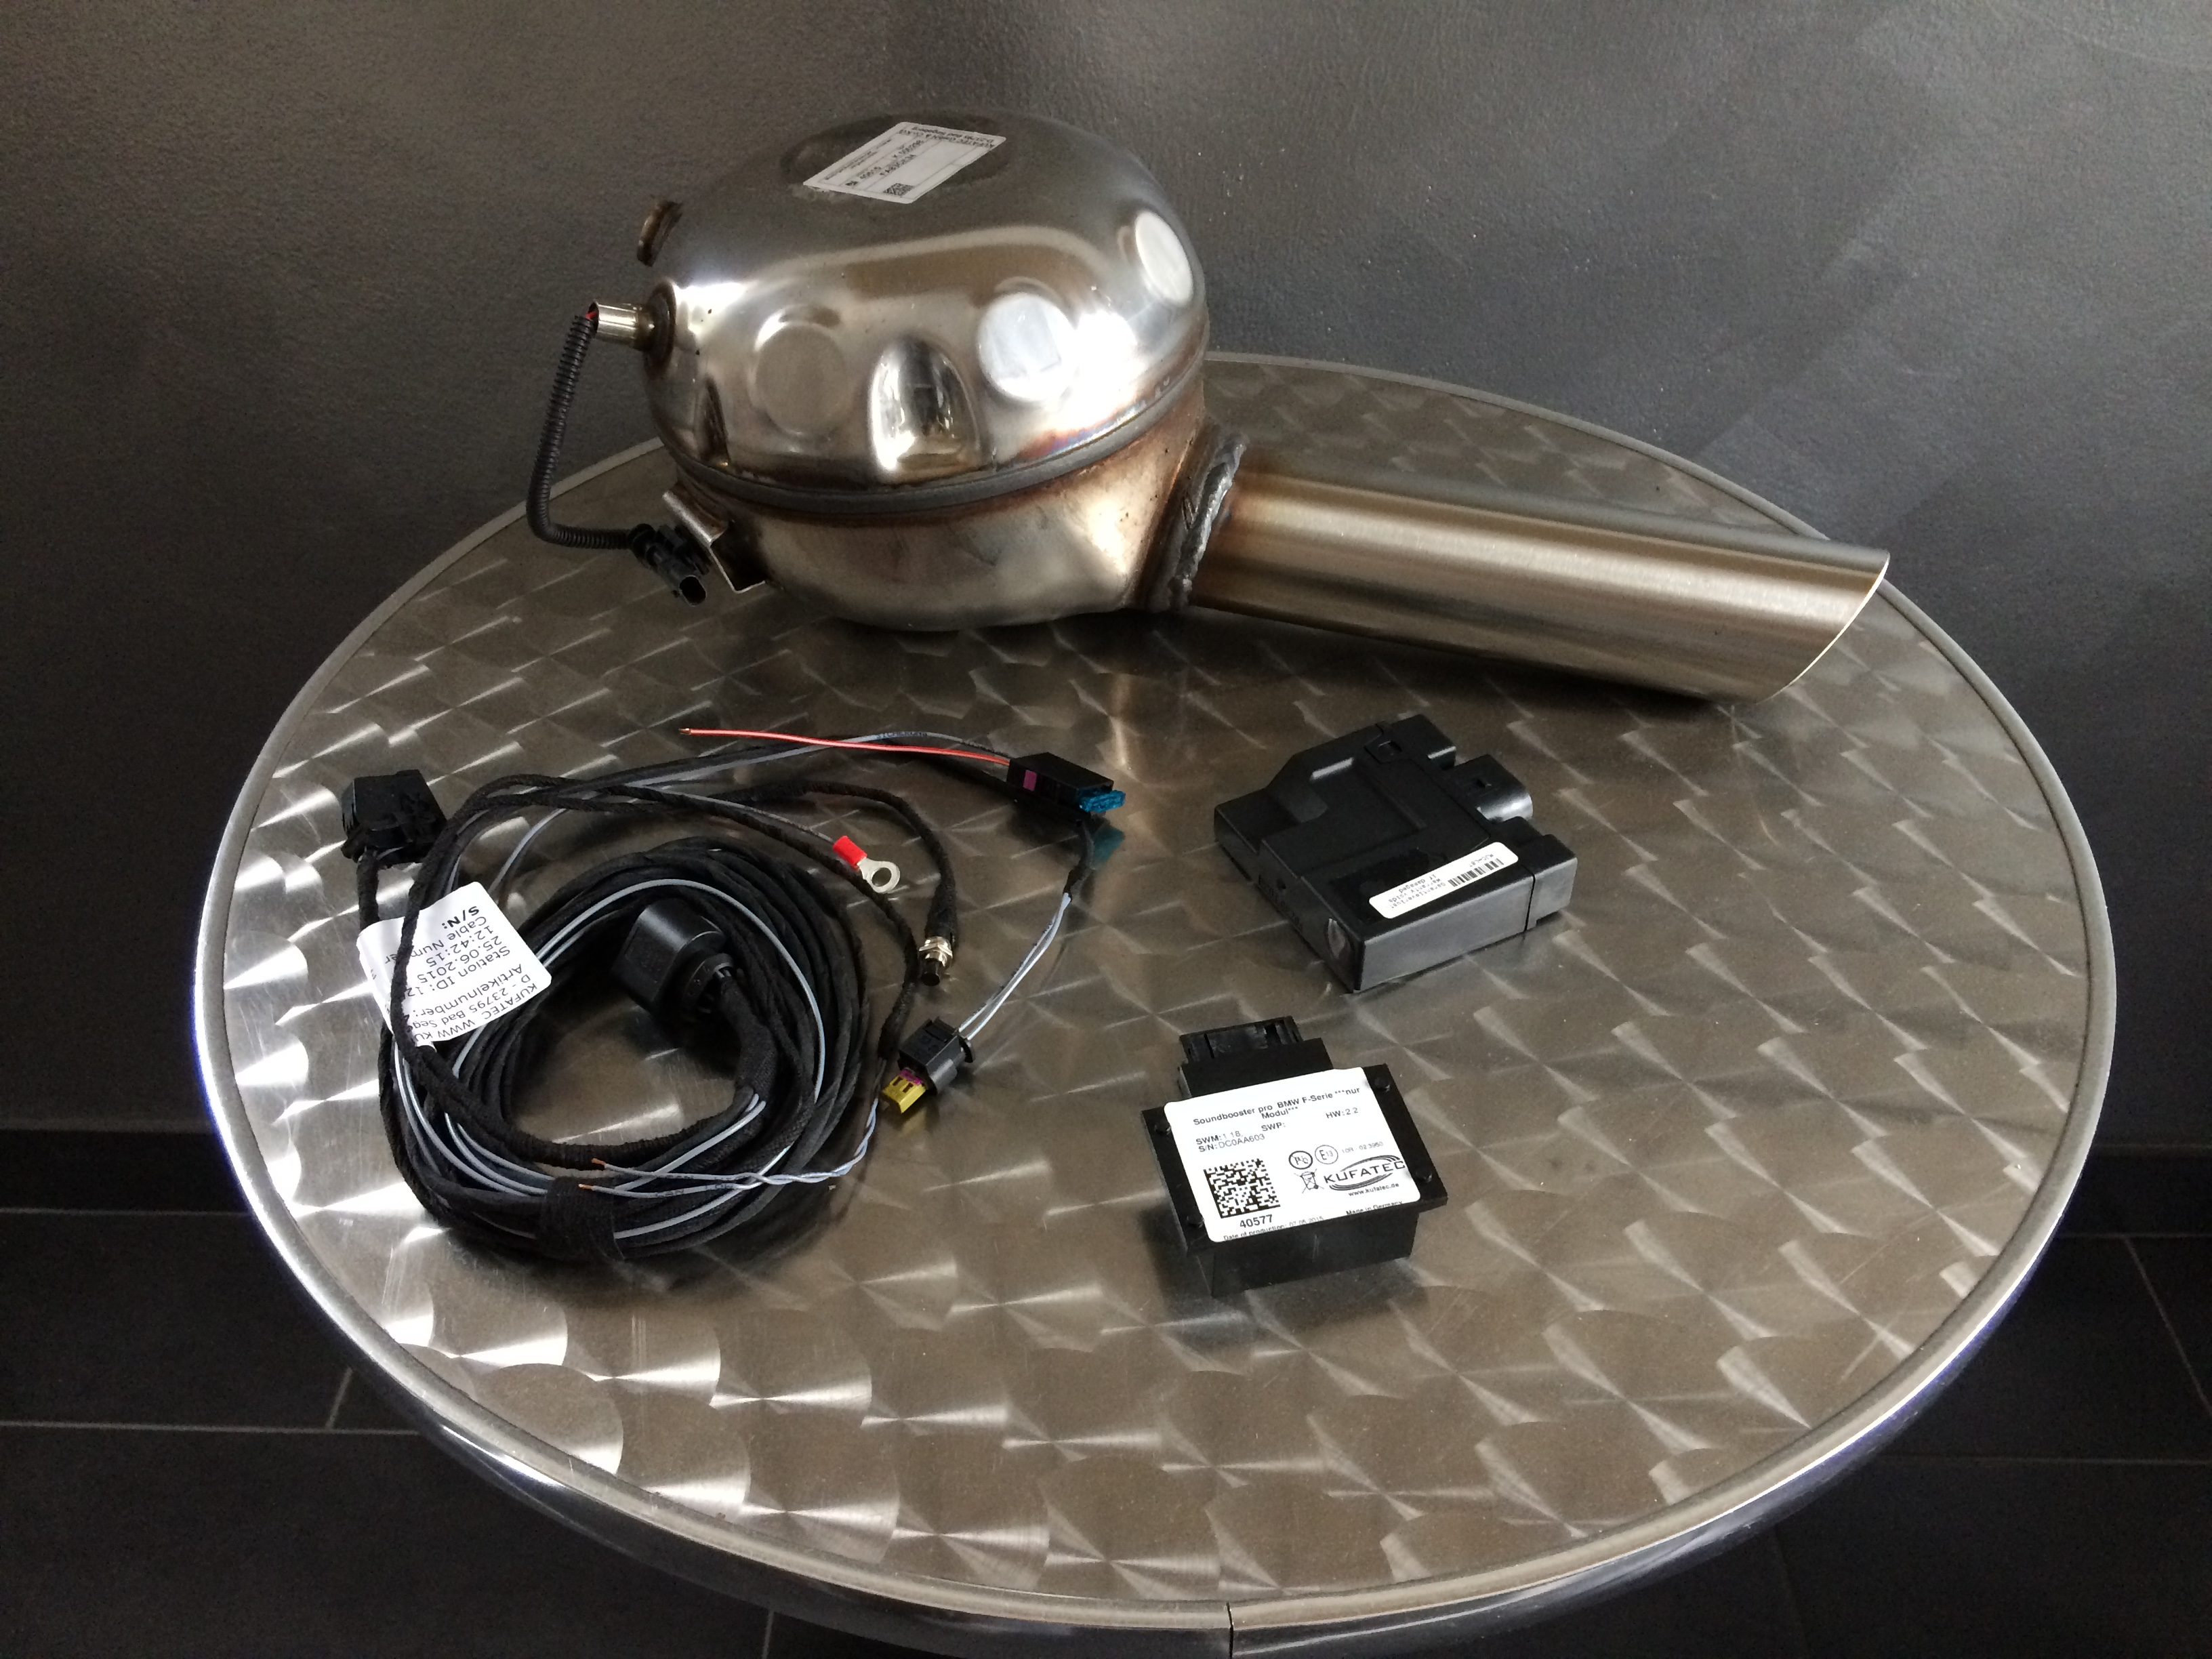 Sound Booster Pro - Motor Active Sound - Jeep - inkl. 19% Mehrwertsteuer + Versand